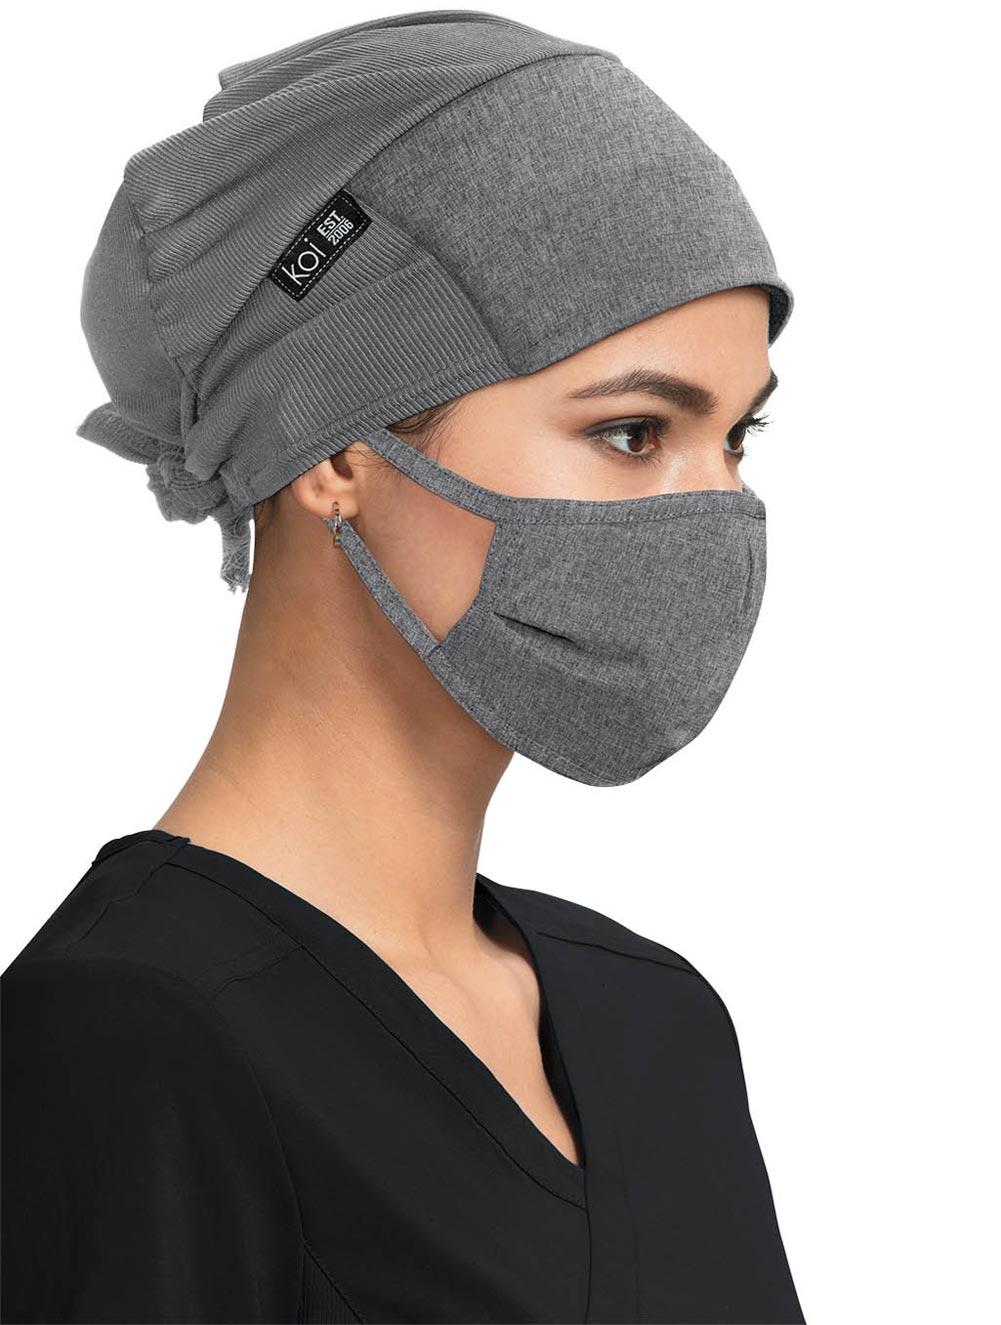 Unisex Solid Scrub Hat